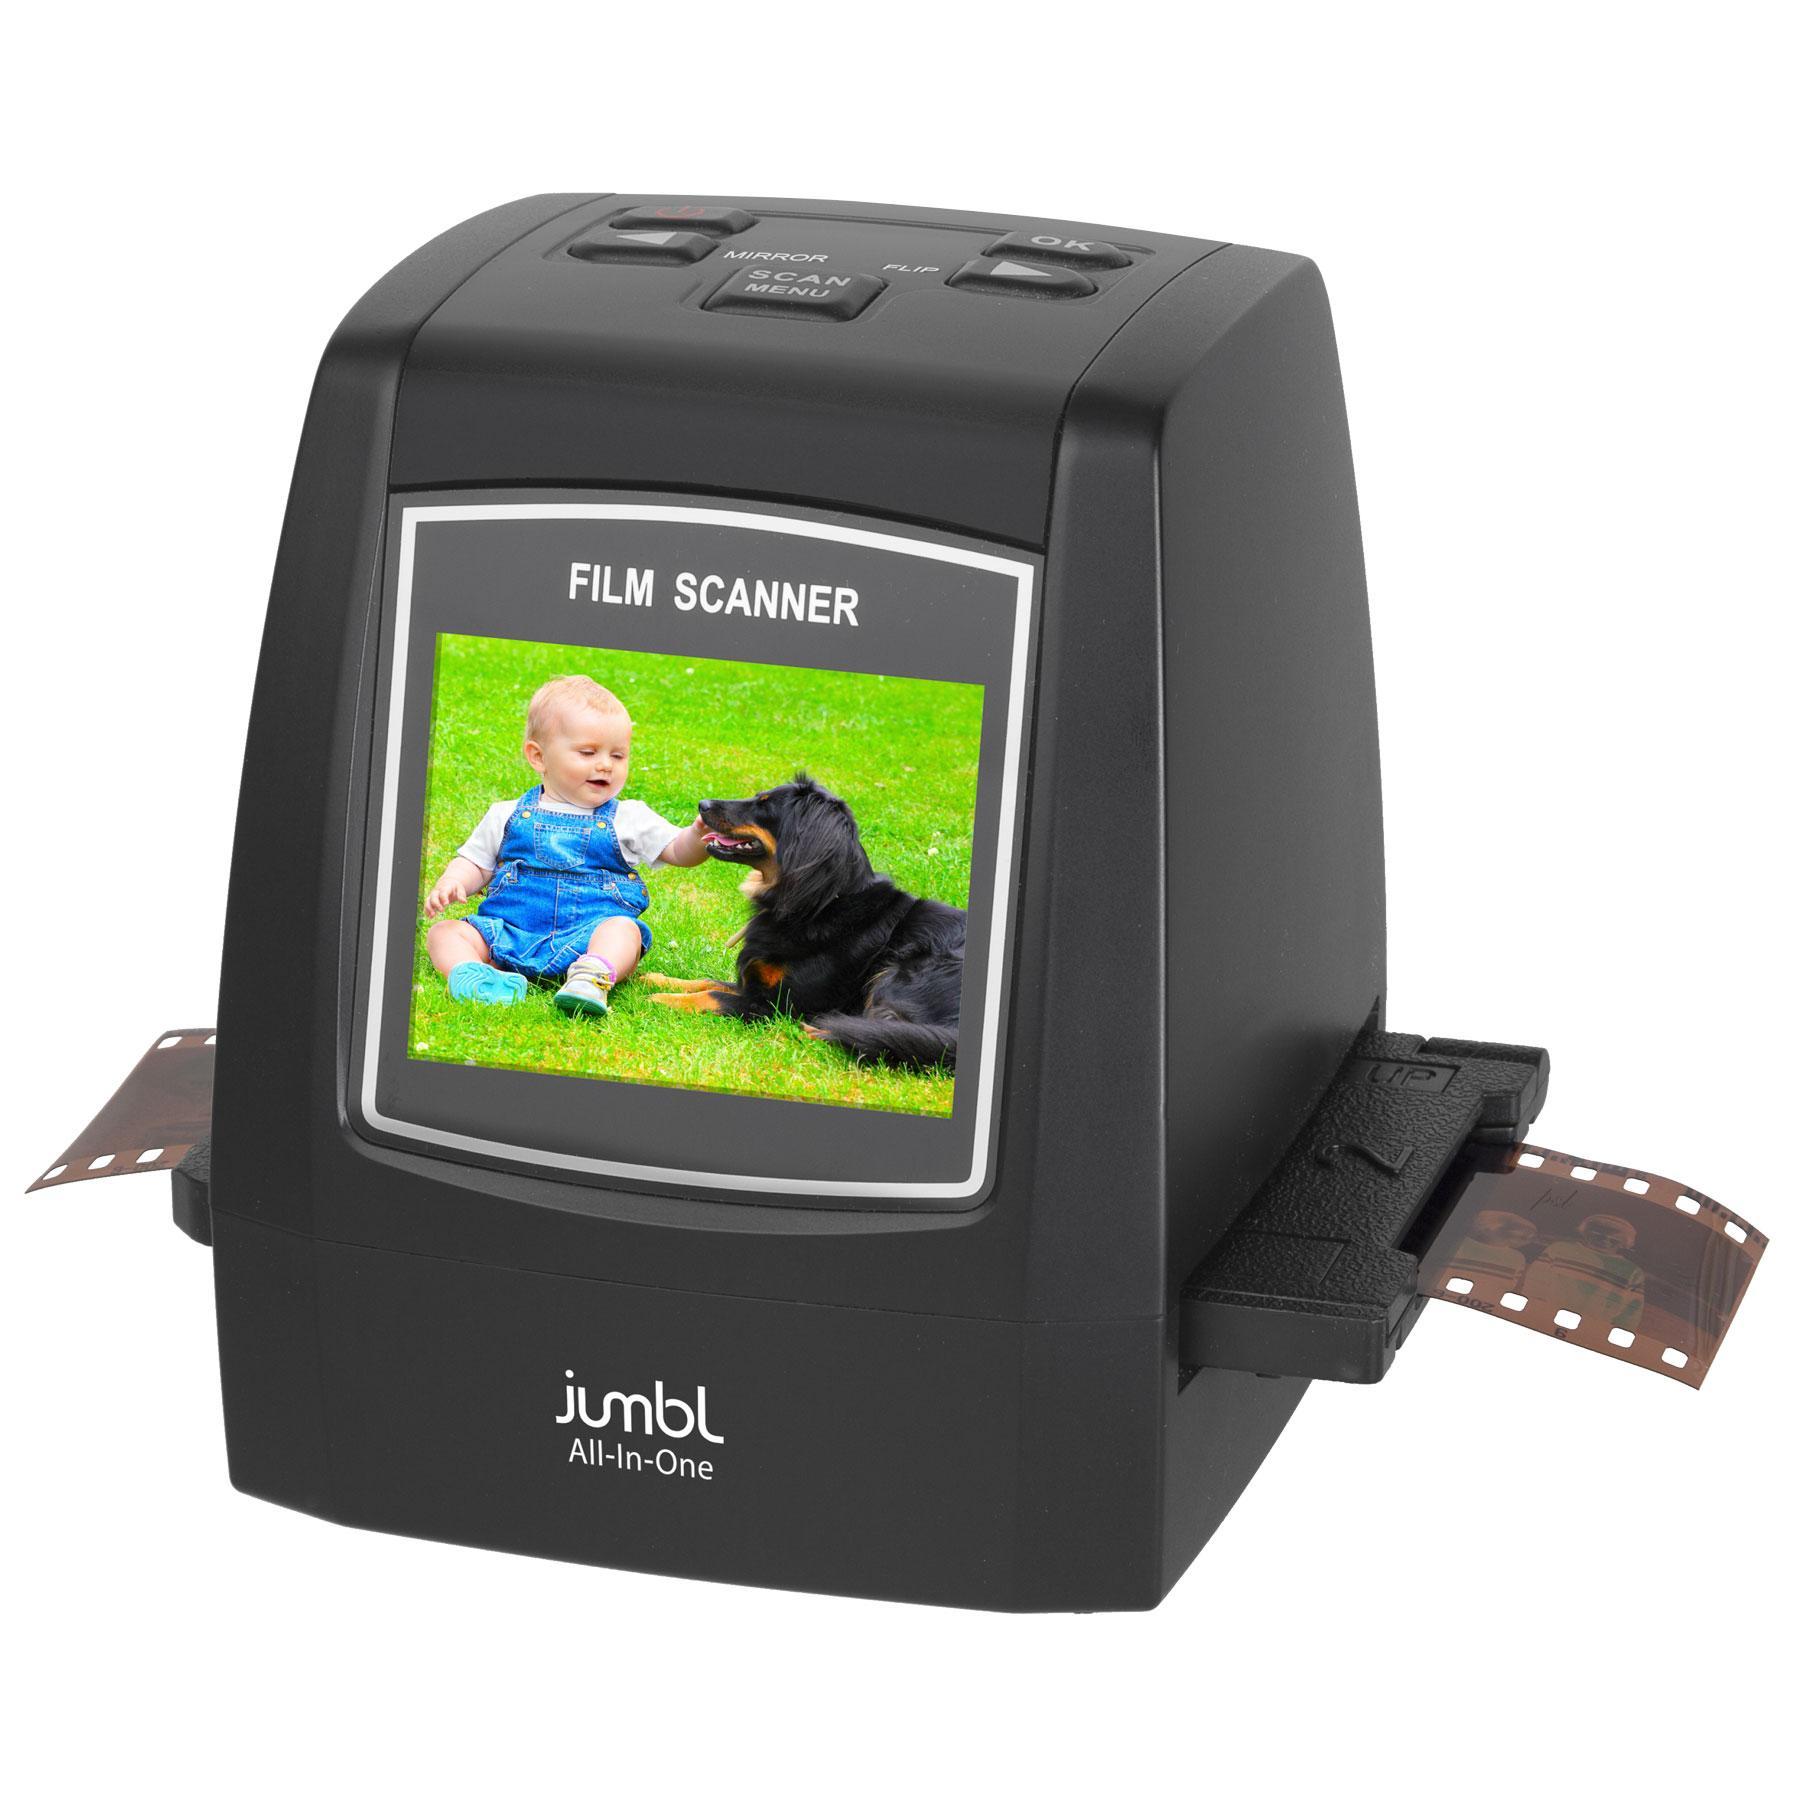 jumbl 22mp all in 1 film slide scanner w speed load adapters for 35mm negative. Black Bedroom Furniture Sets. Home Design Ideas